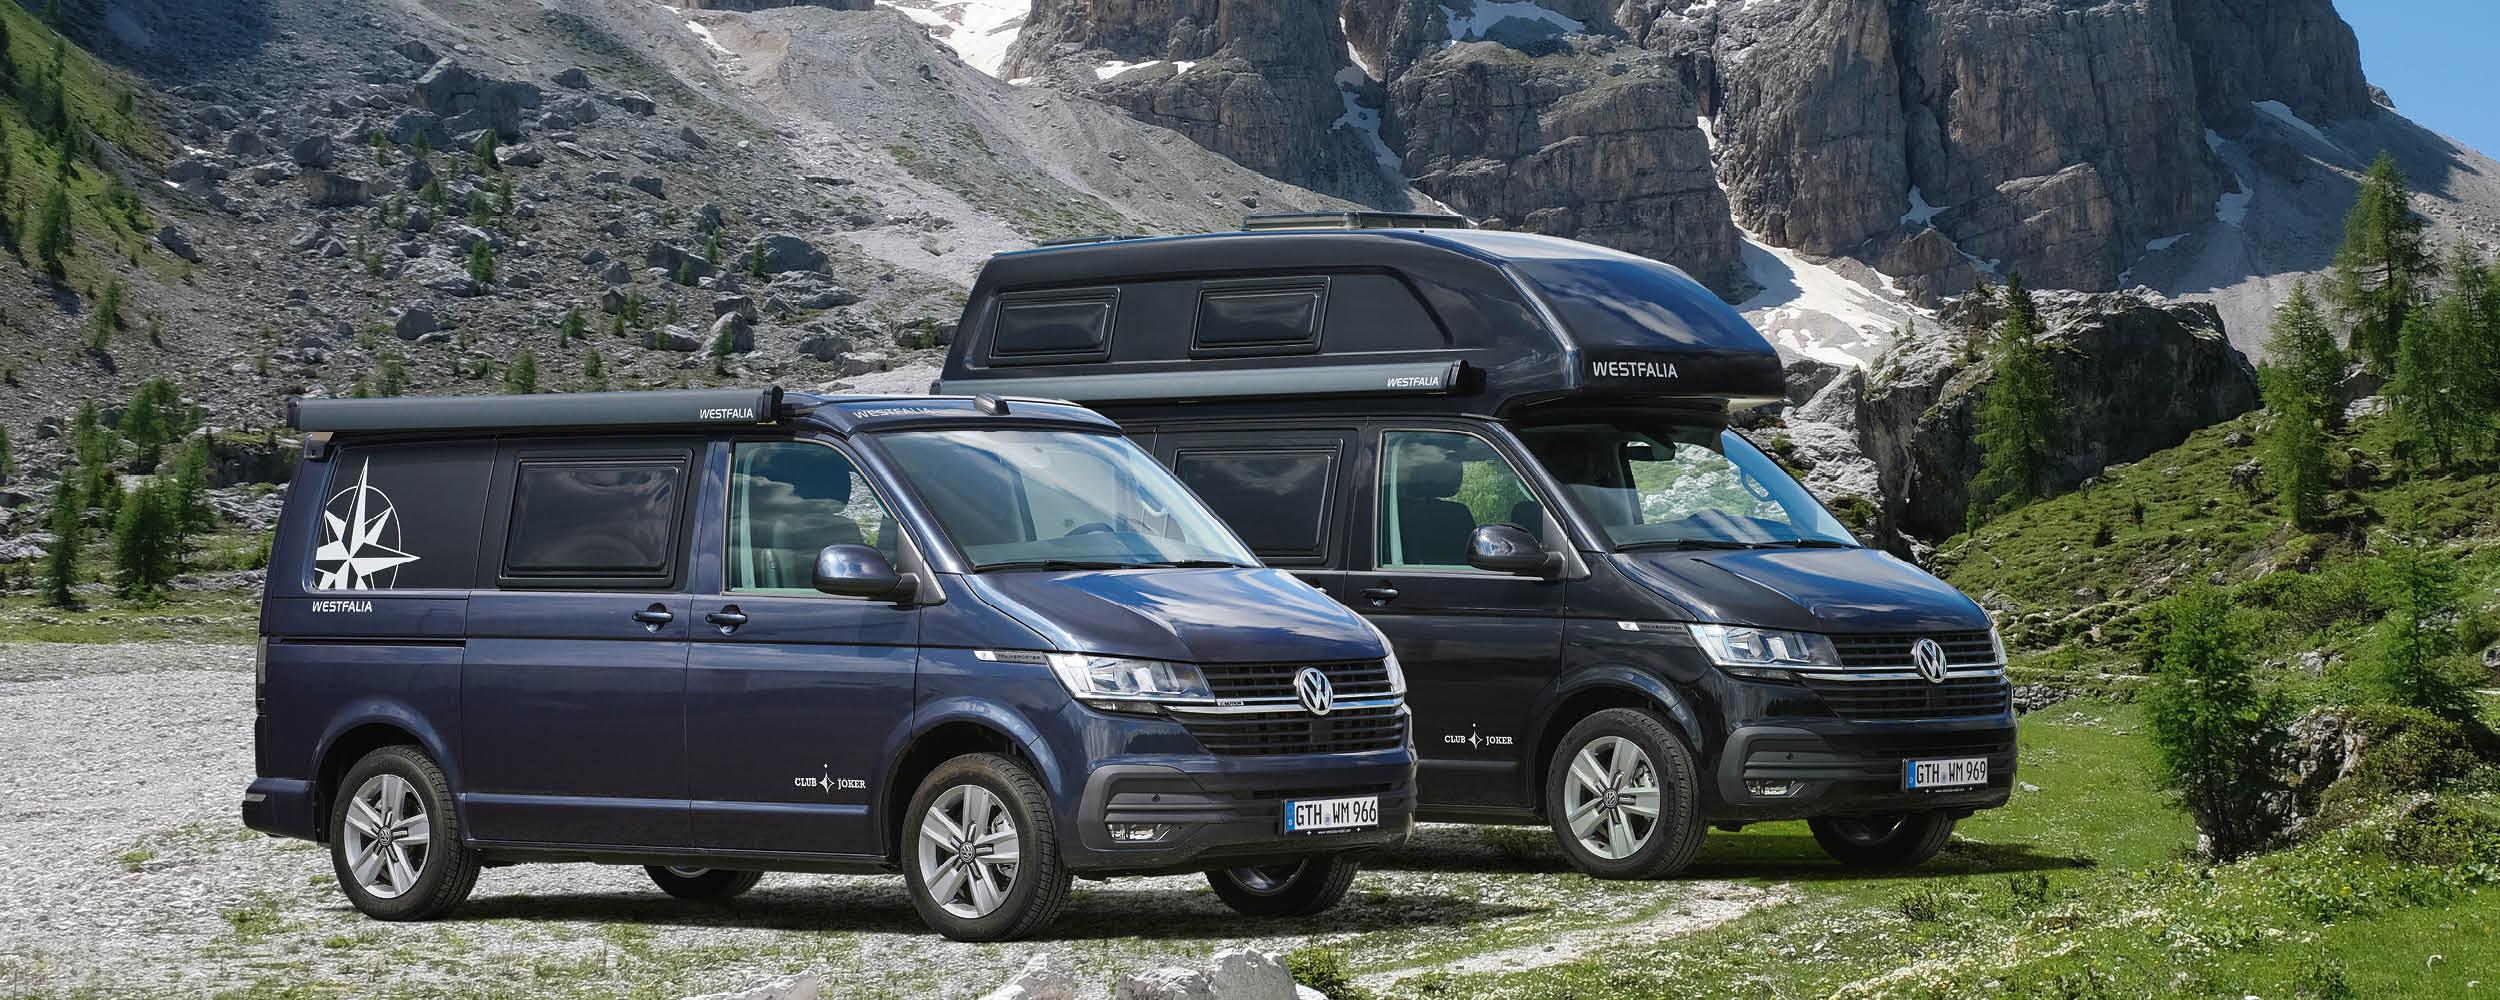 Release Date Volkswagen Westfalia 2021